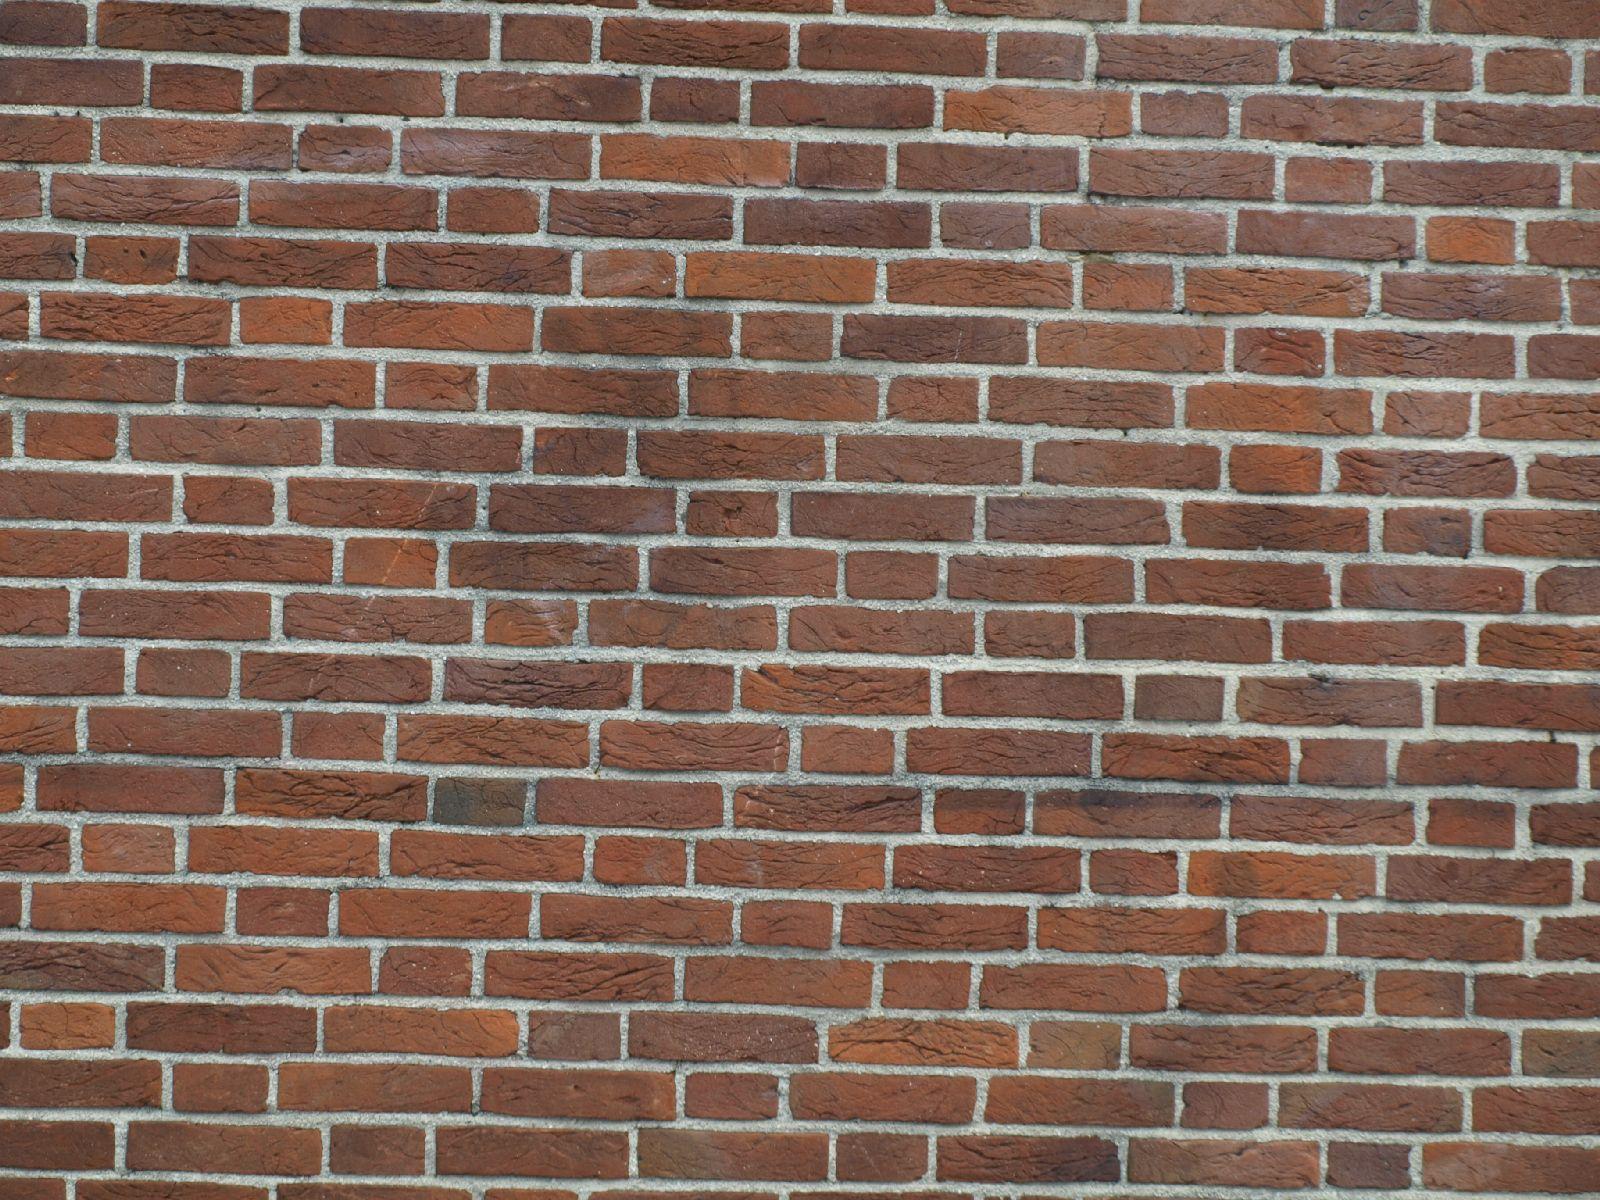 Brick_Texture_A_BT0600